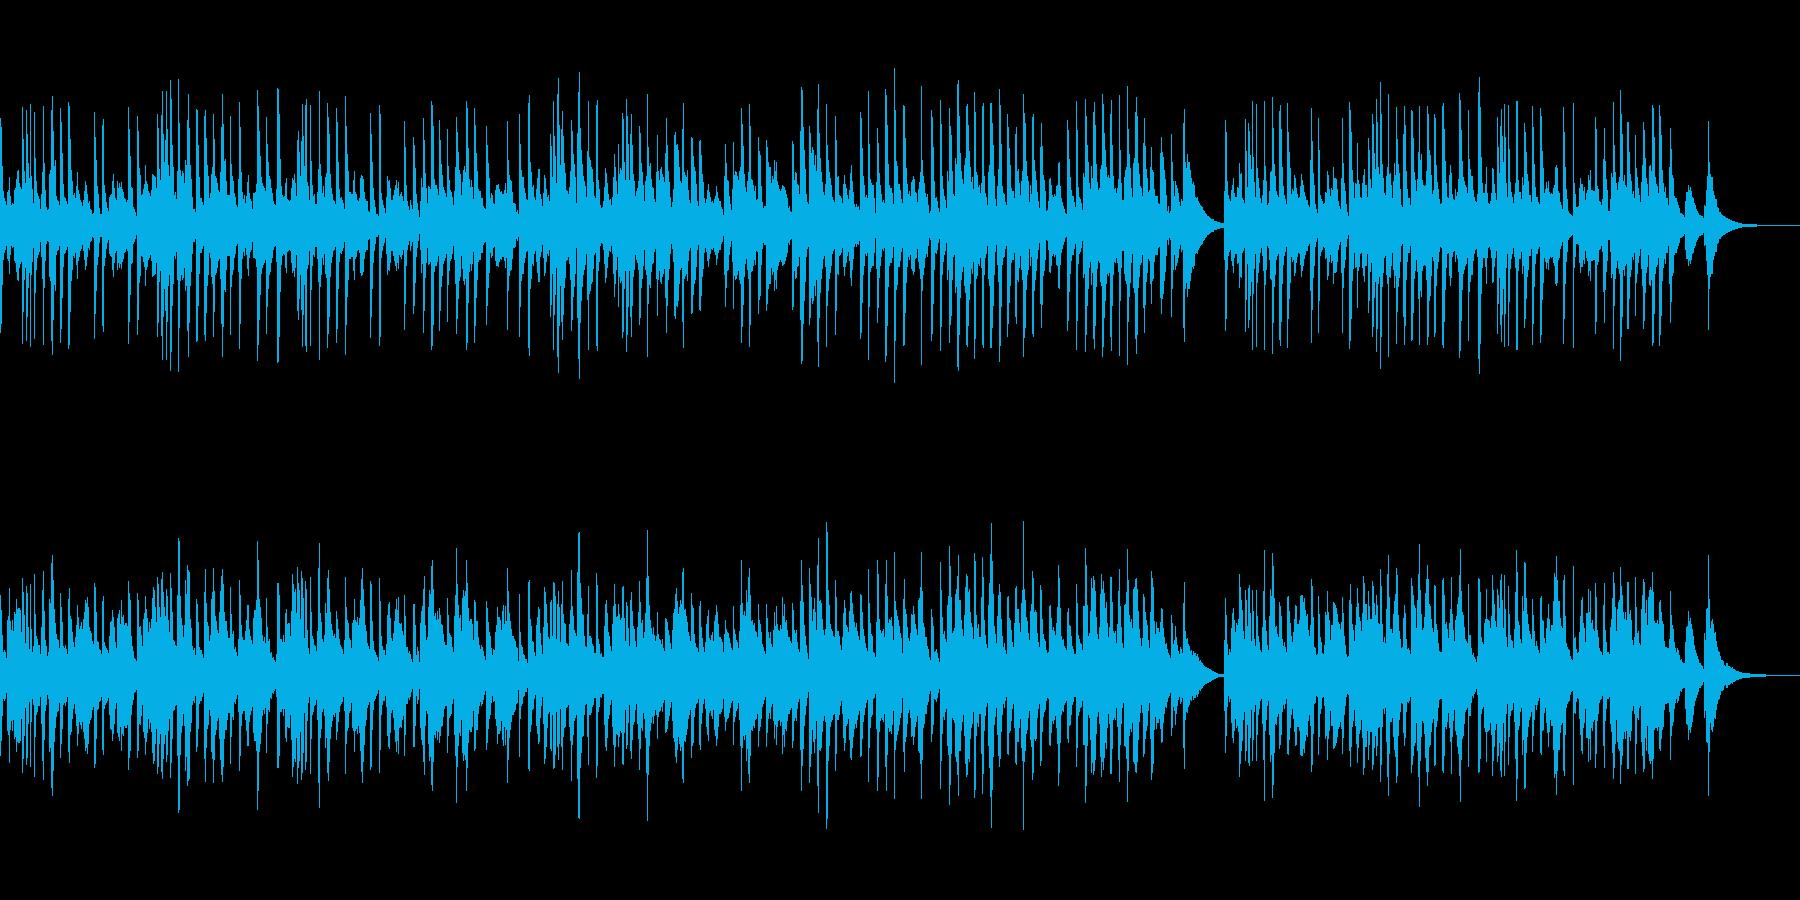 琴でメンデルスゾーン『春の歌』をアレンジの再生済みの波形